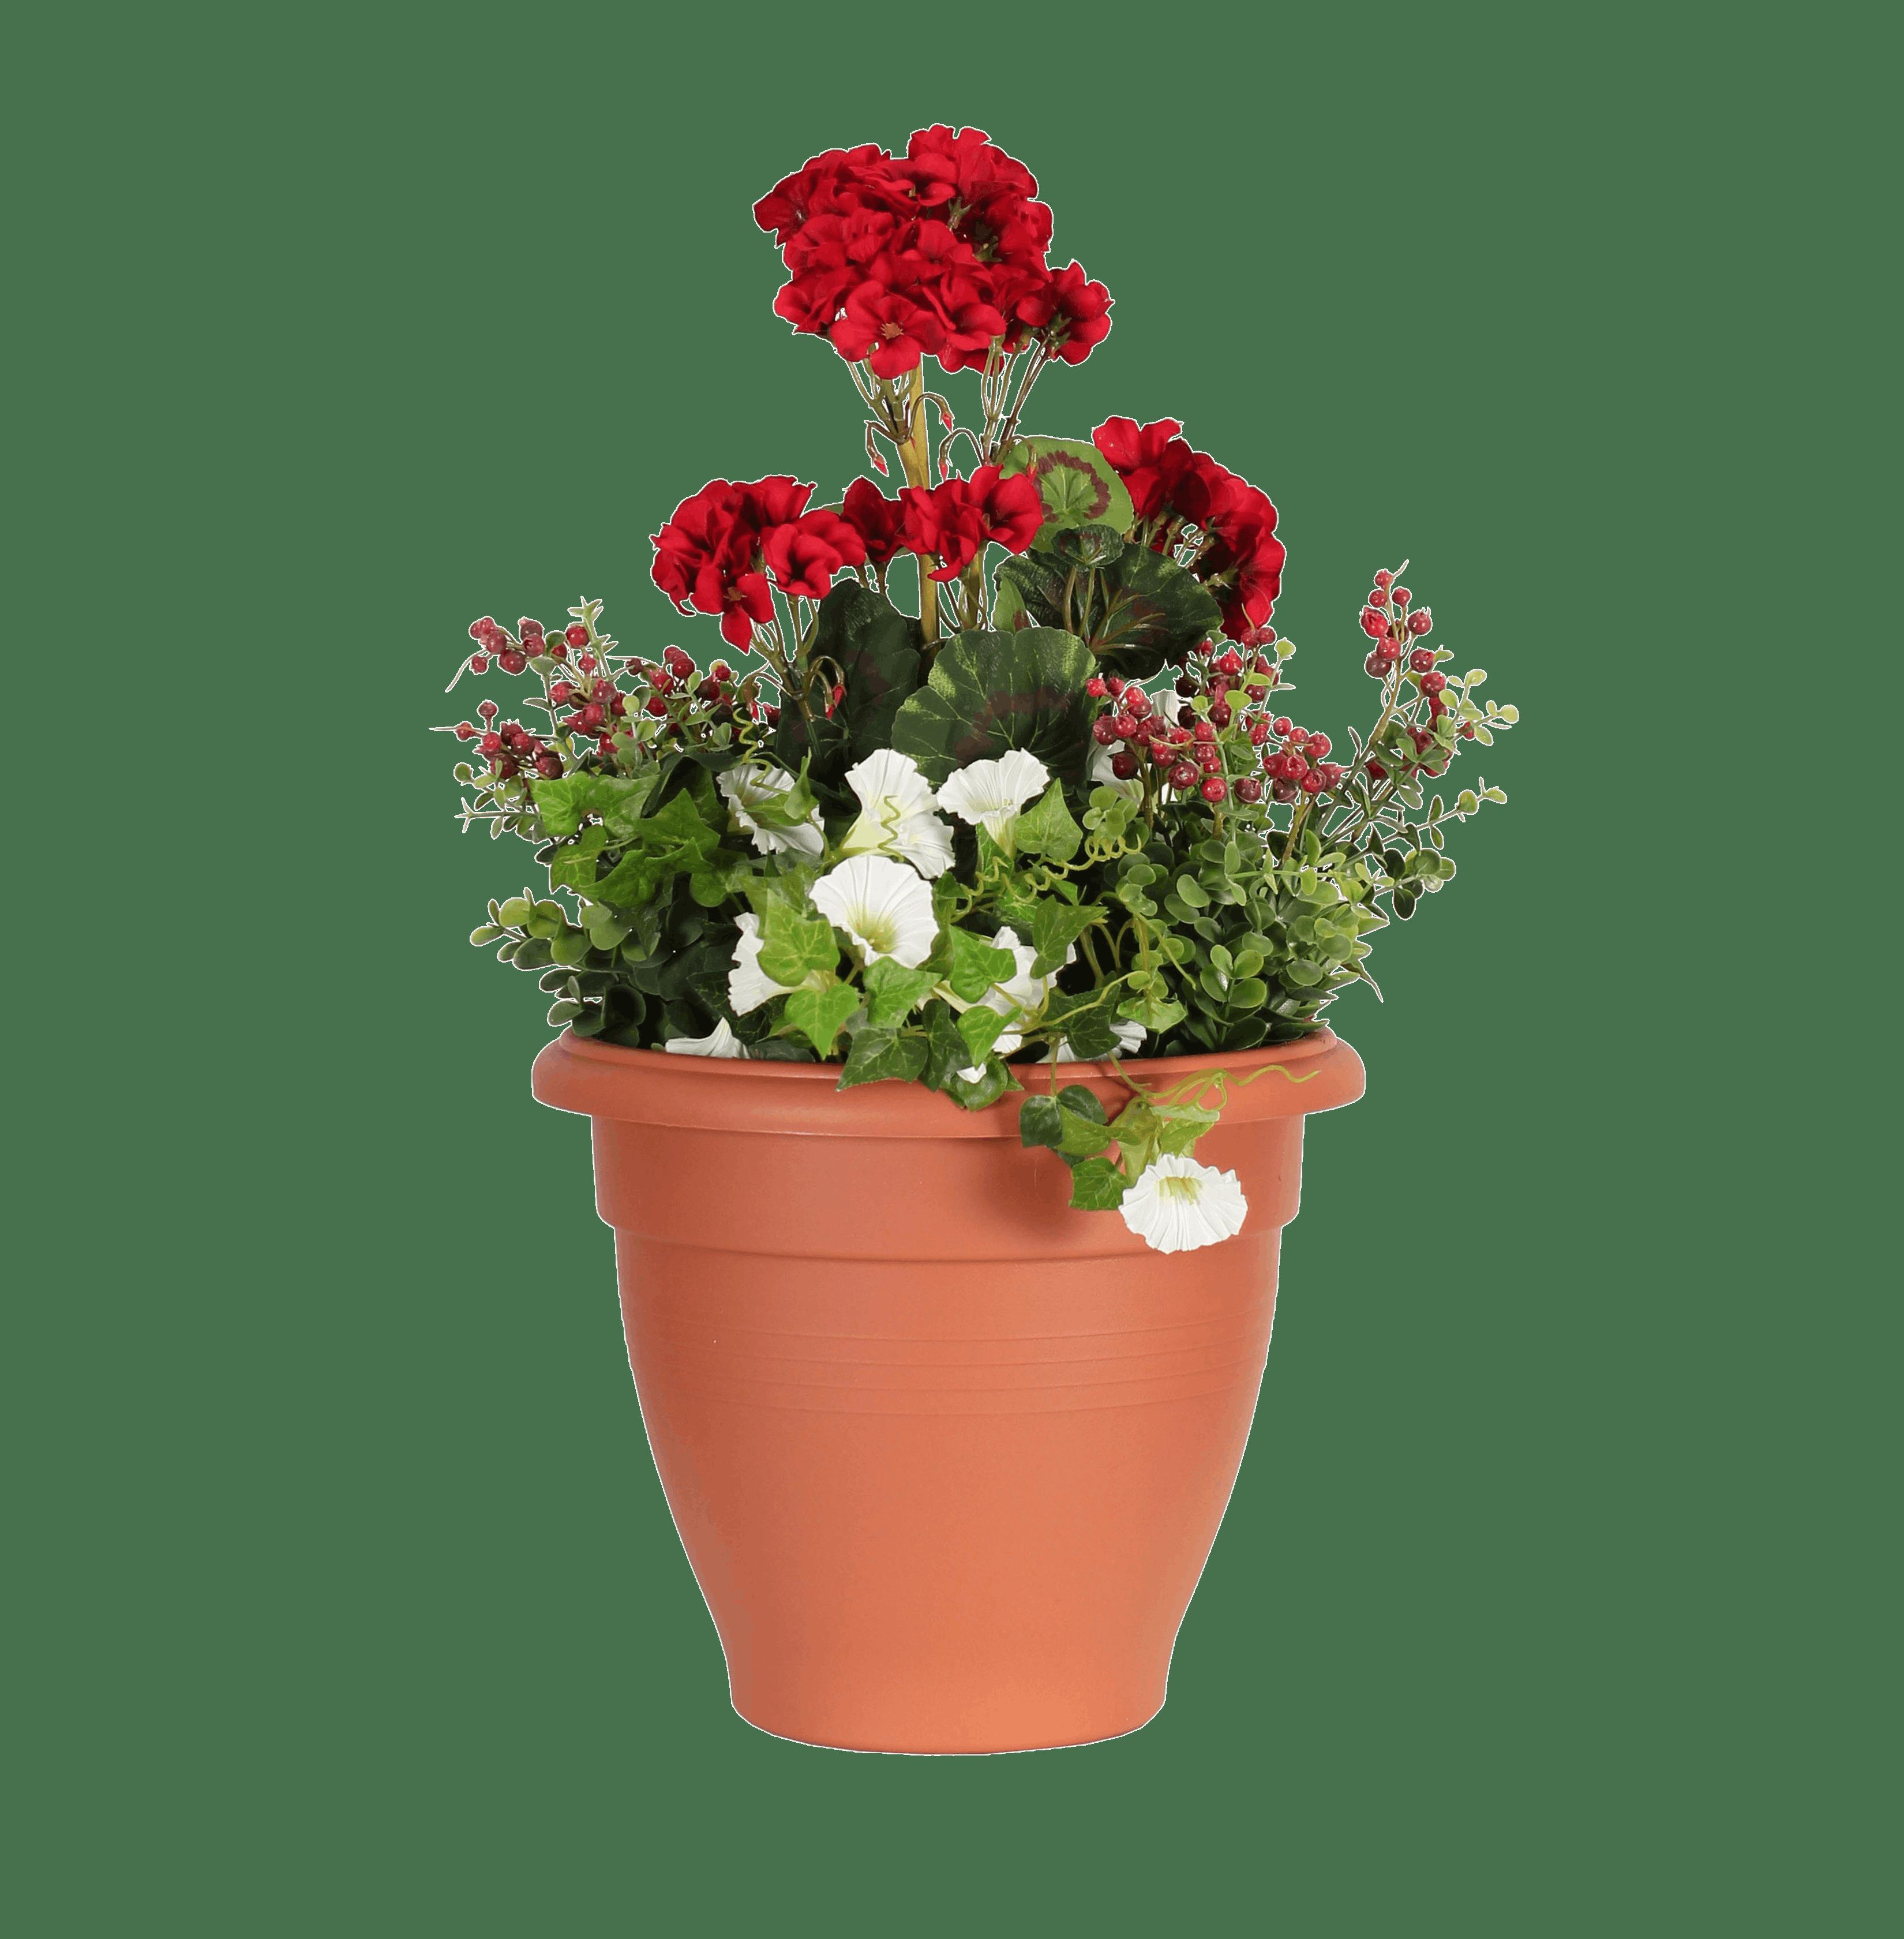 Artificial wild berry & geranium patio planter red